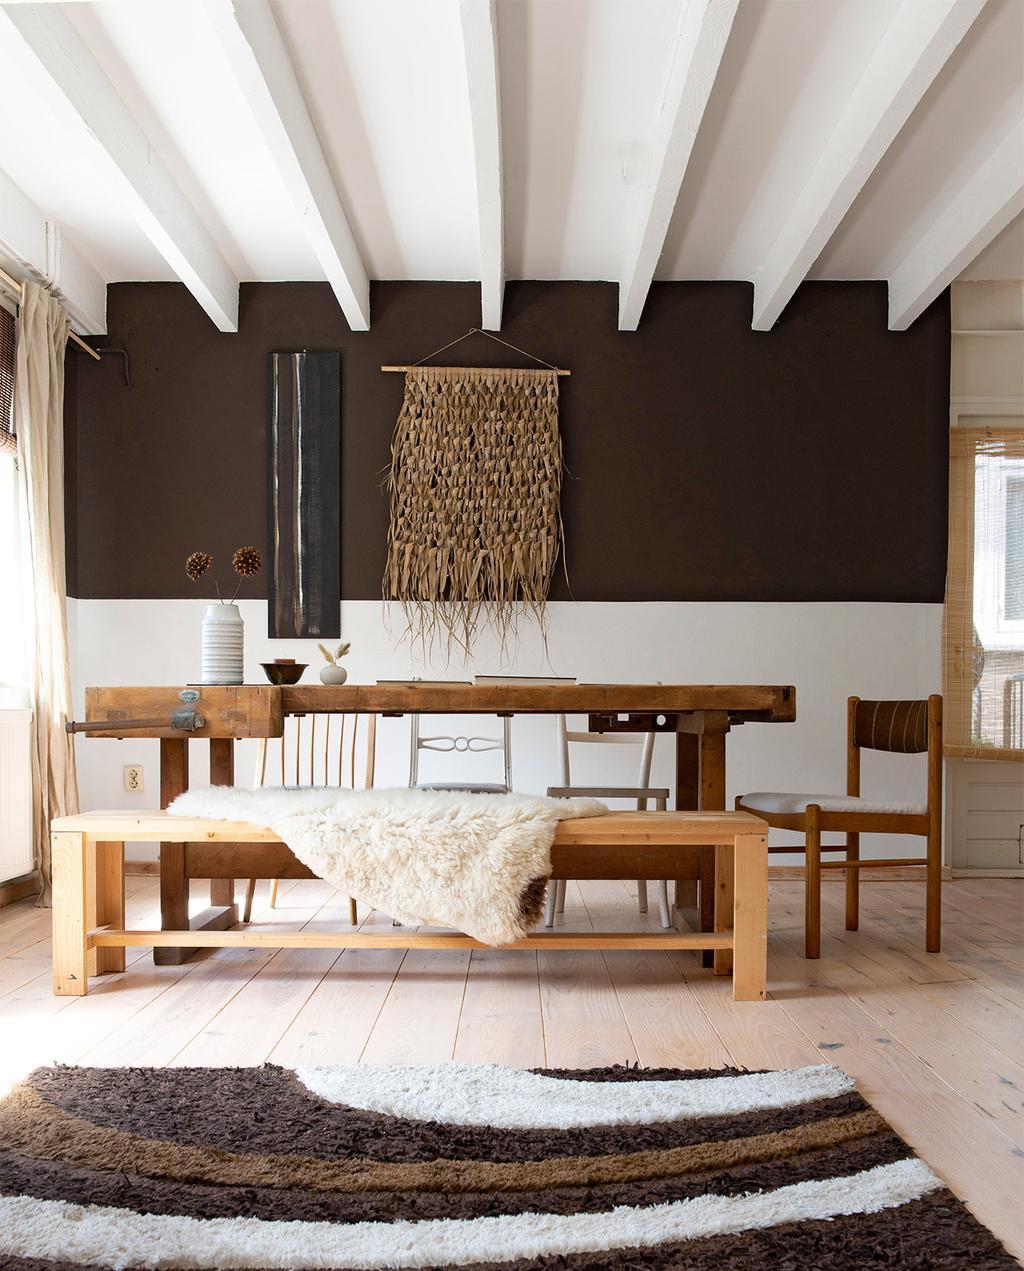 vtwonen 08-2021 | bruine lambrisering voor de houten eettafel, met een bruin vloerkleed op de grond